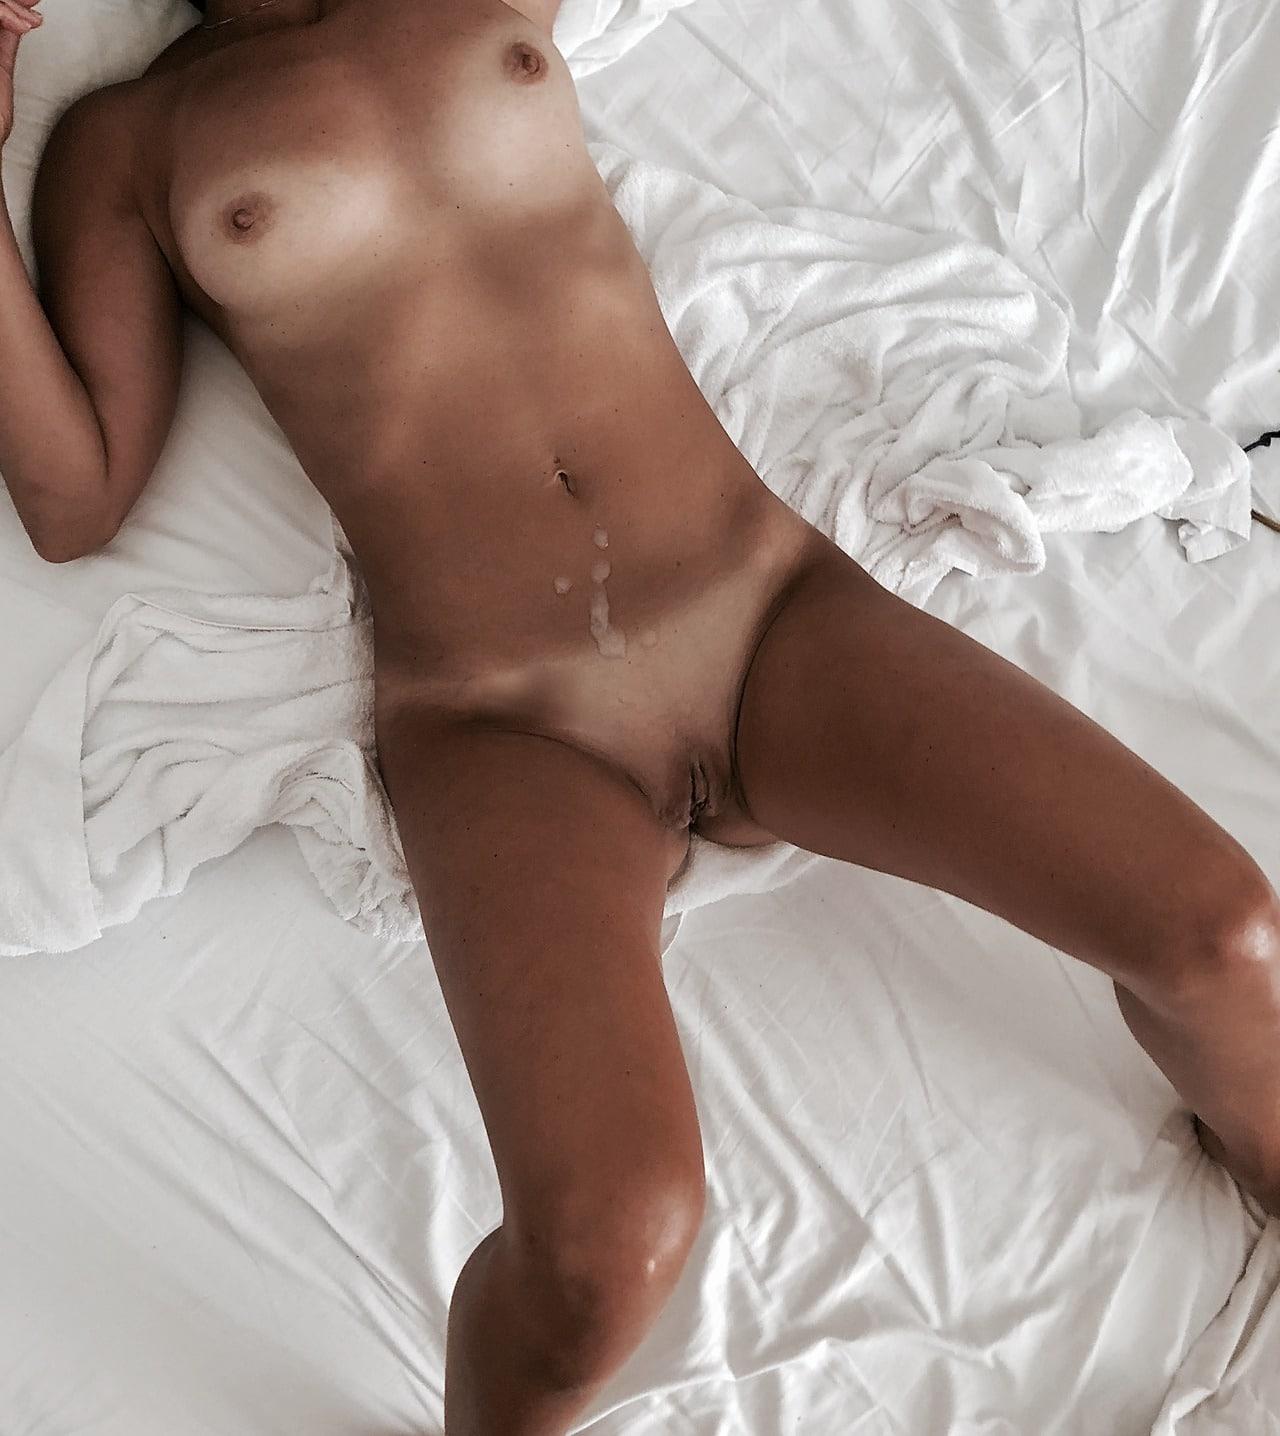 cumshot on her stomach